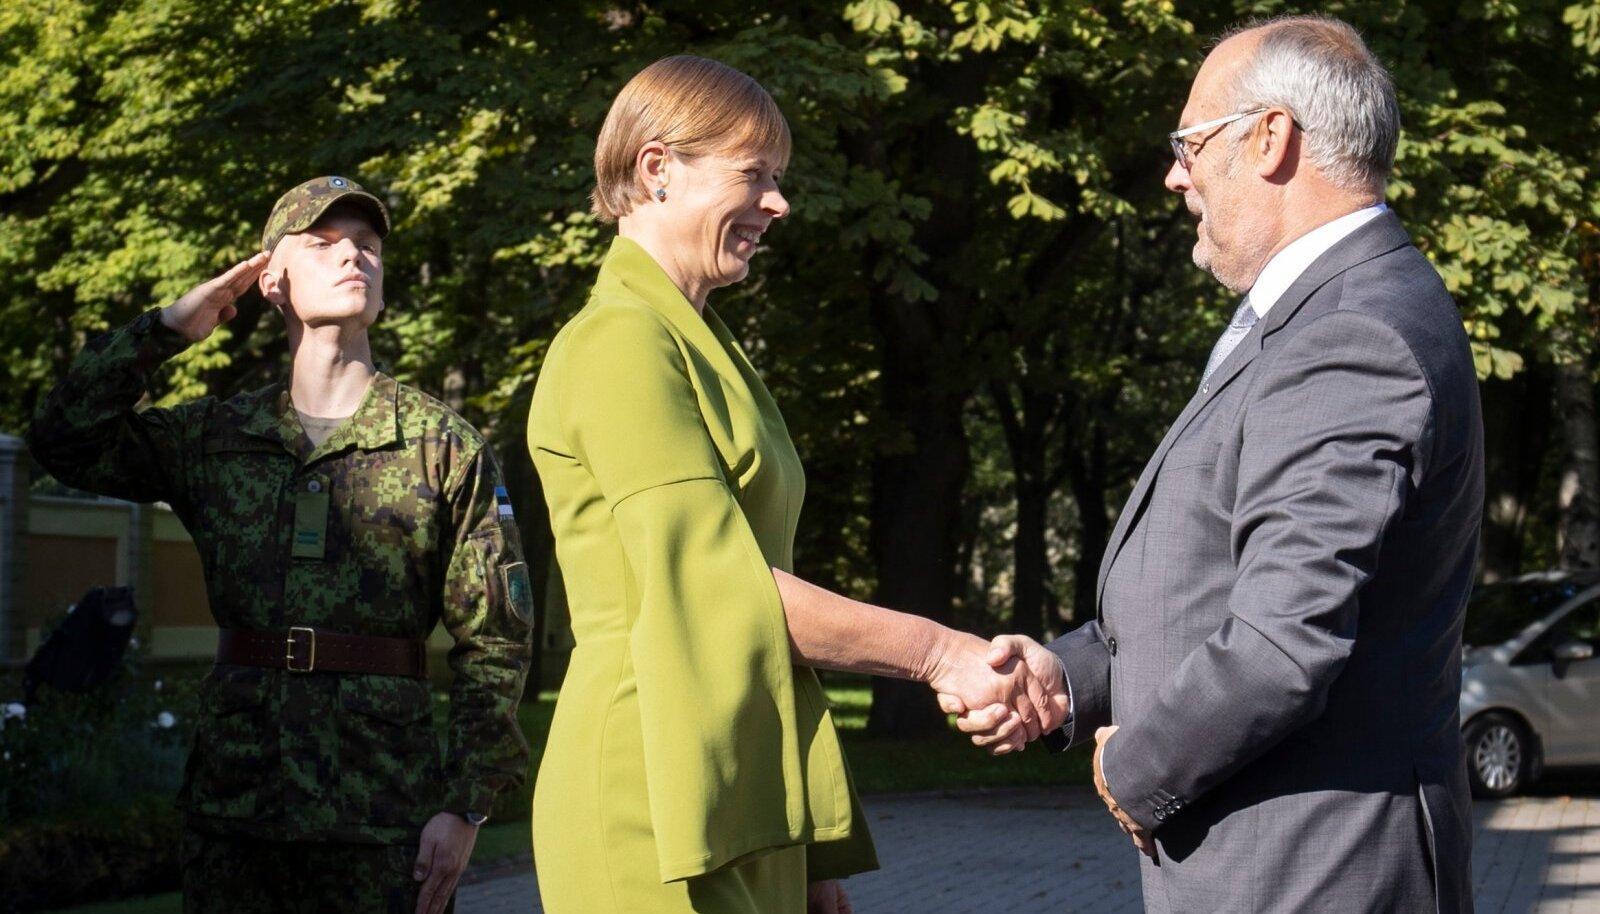 VANA JA UUS: Kersti Kaljulaid augusti viimasel päeval Kadriorus tulevast presidenti Alar Karist tervitamas.